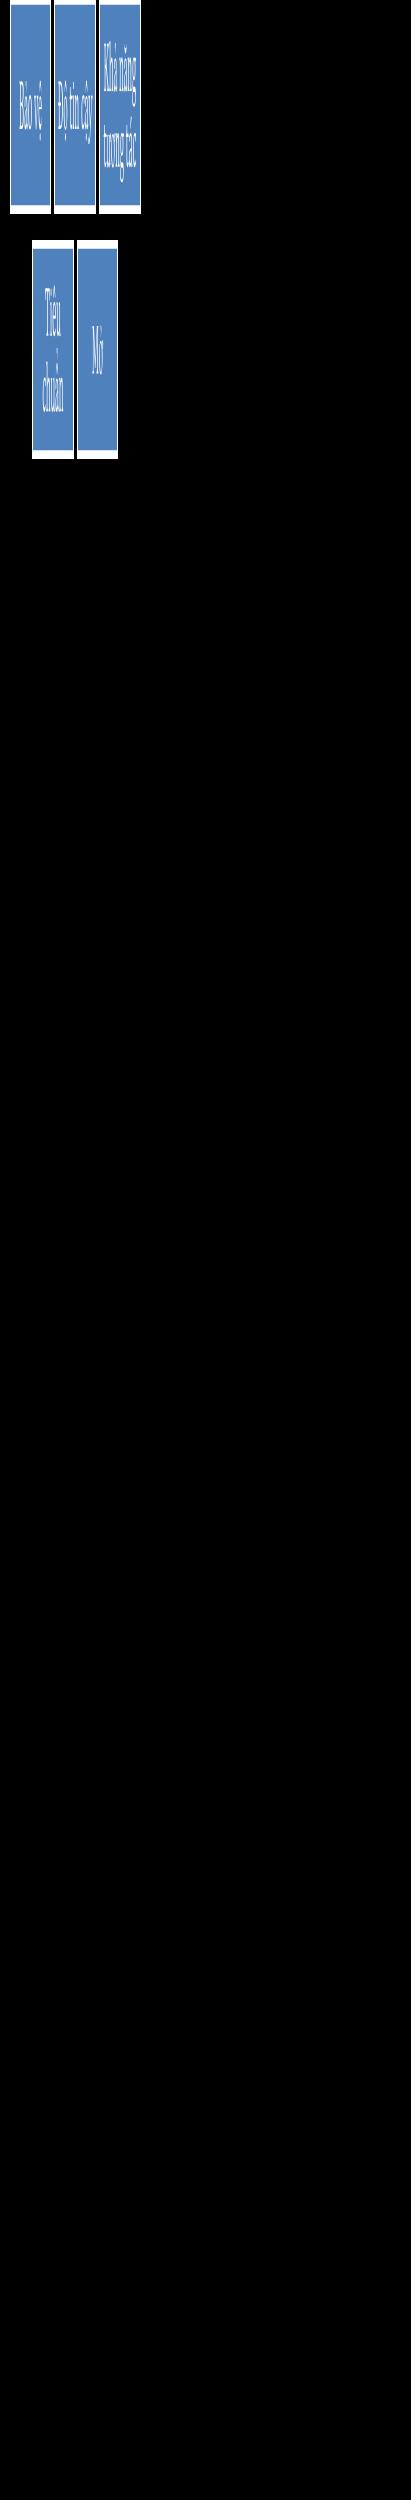 AMQP properties